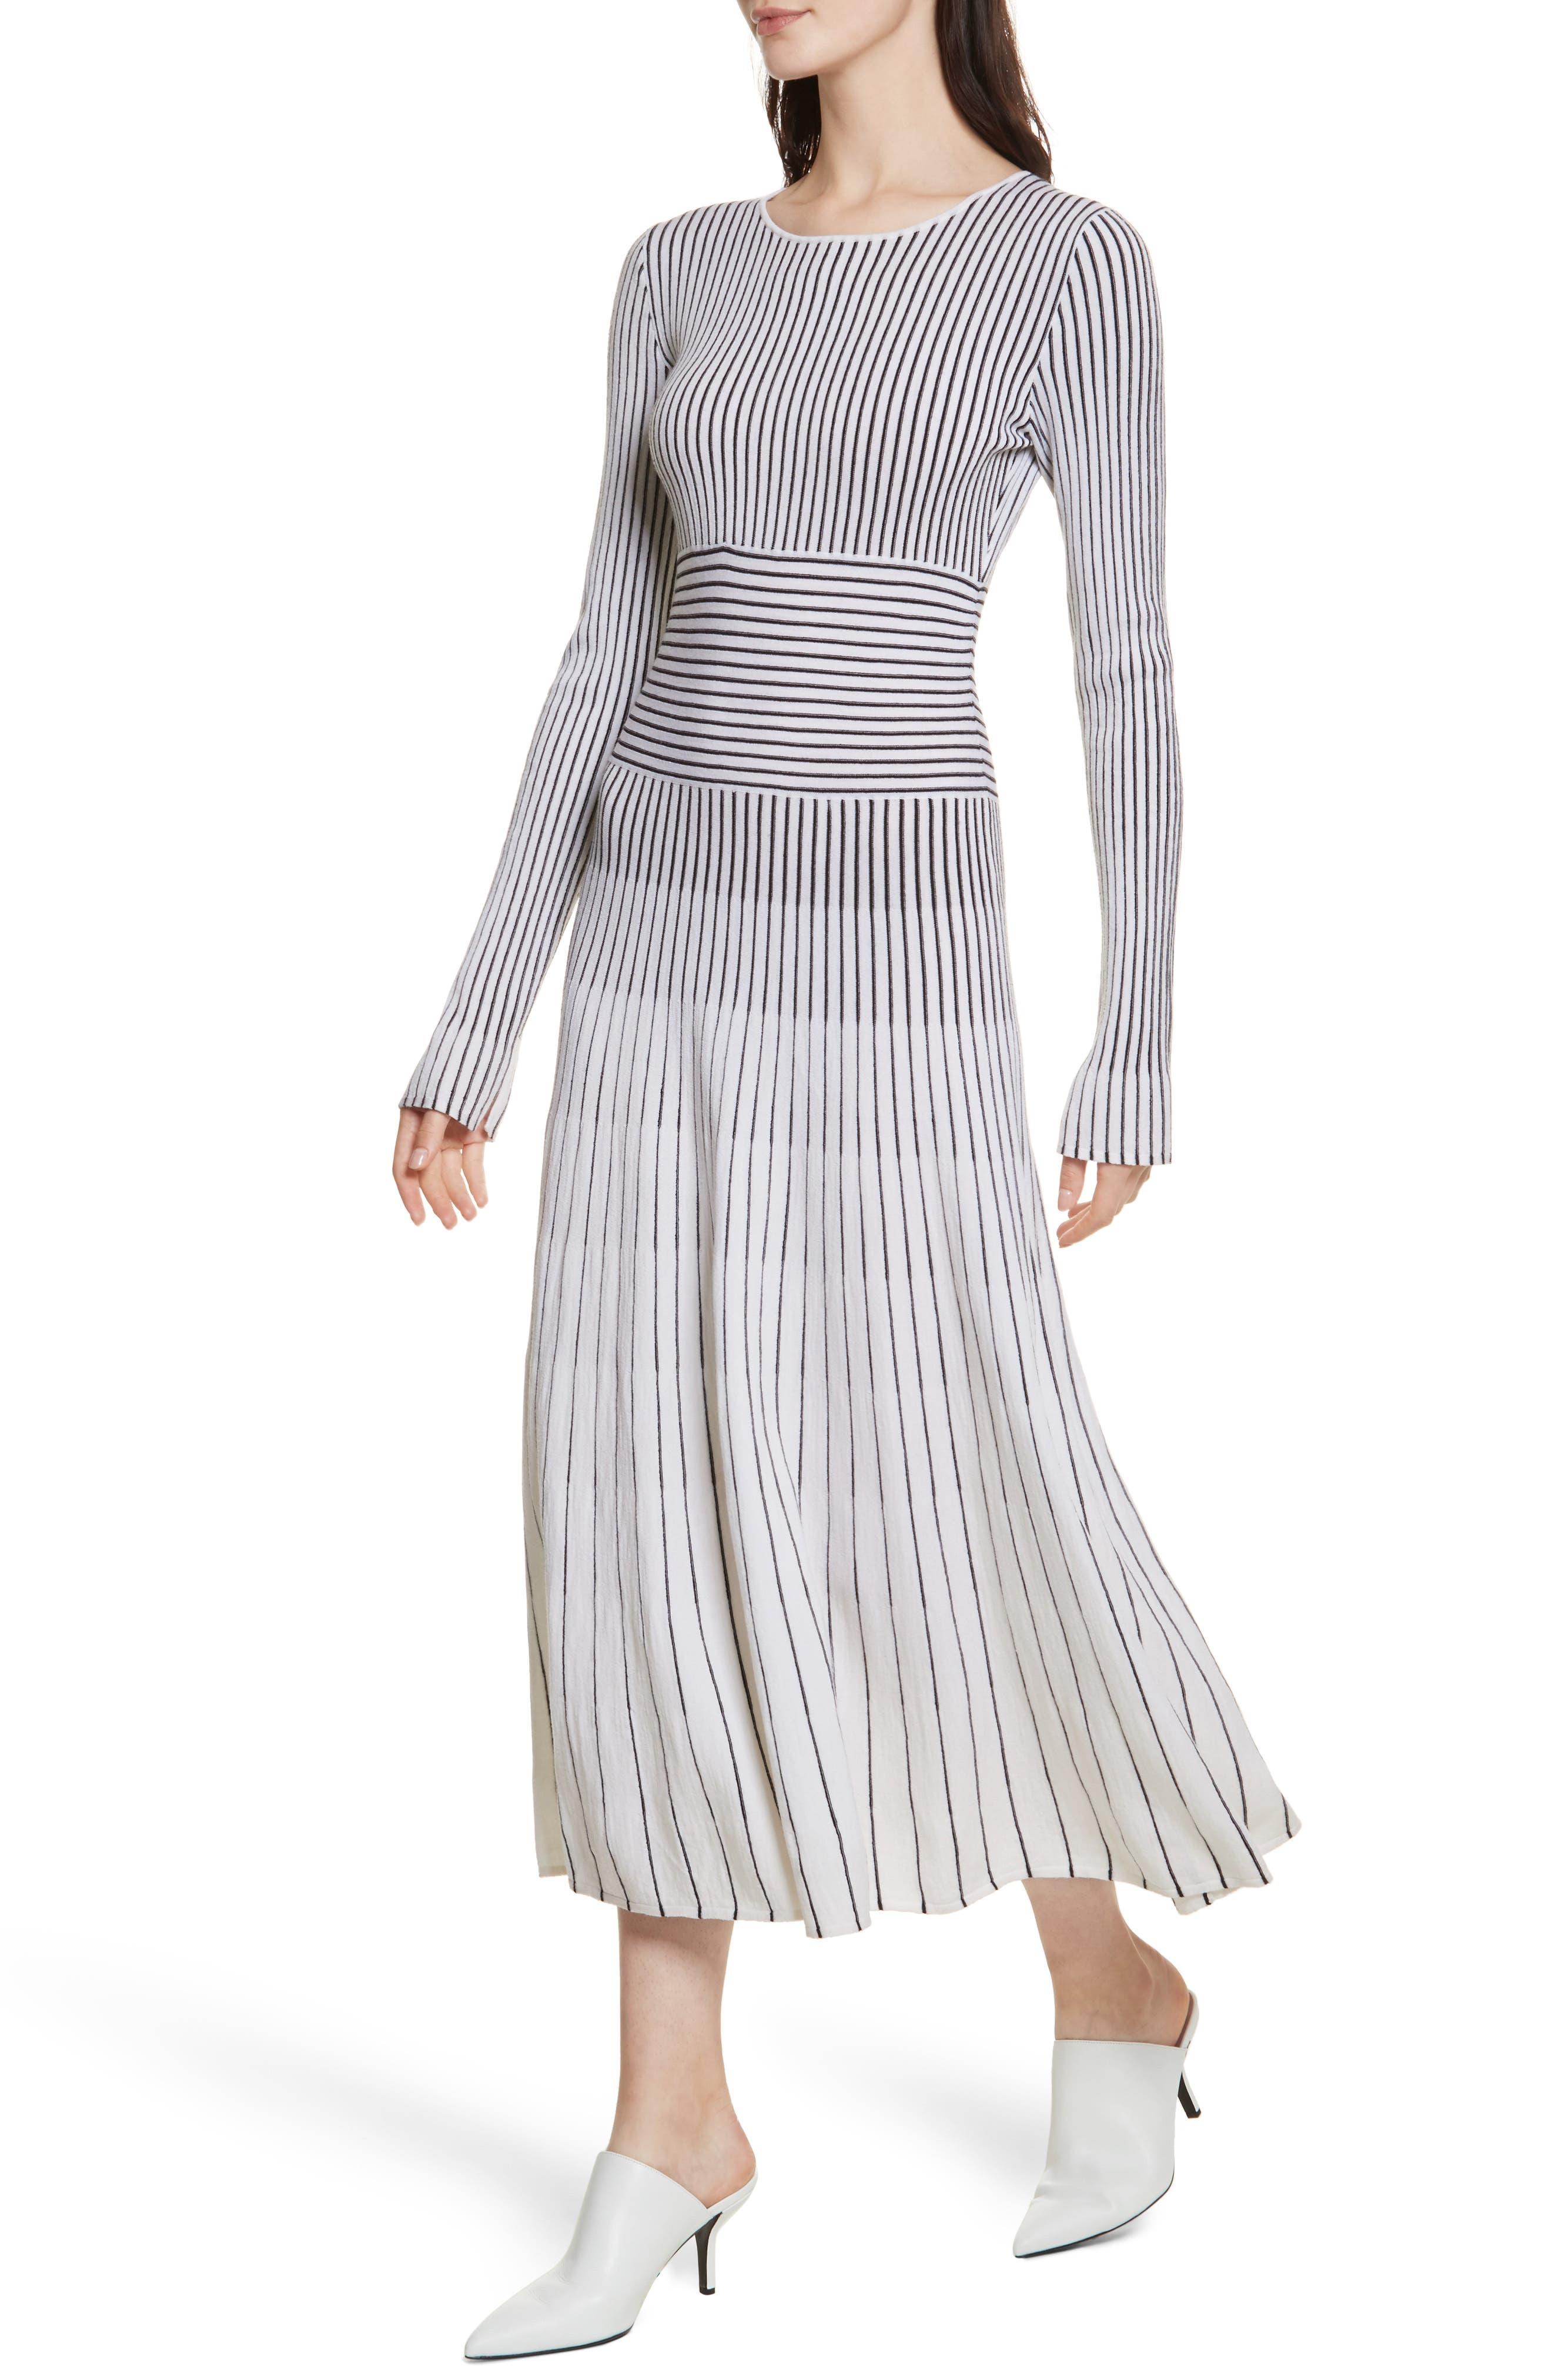 Sheridan Stripe Knit Midi Dress,                             Alternate thumbnail 4, color,                             Ivory/ Black